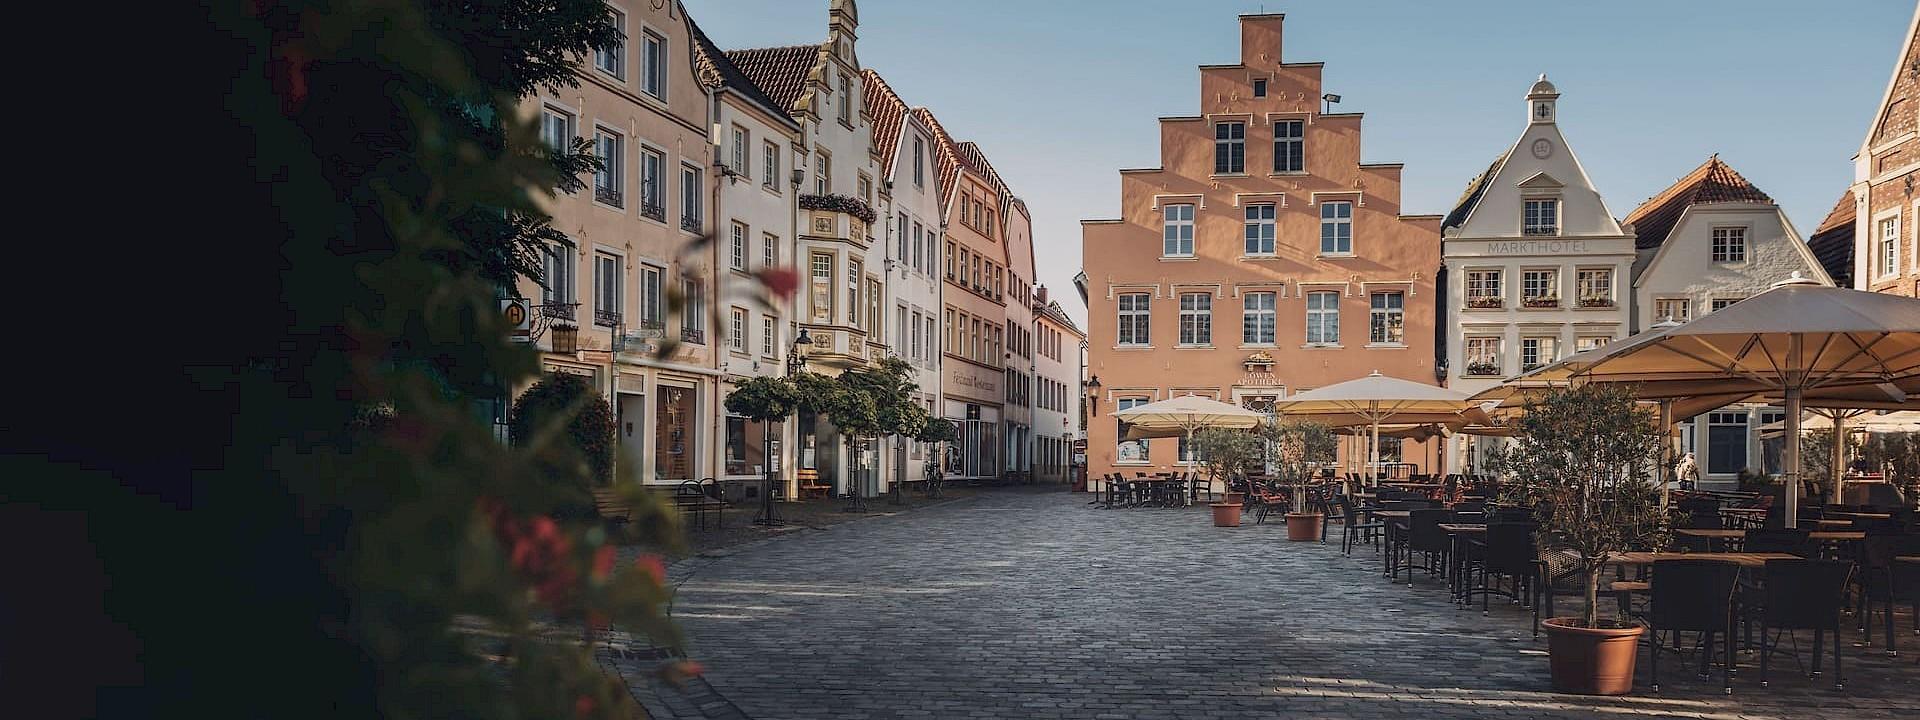 Mit dem Fahrrad zu den schönsten historischen Stadtkernen